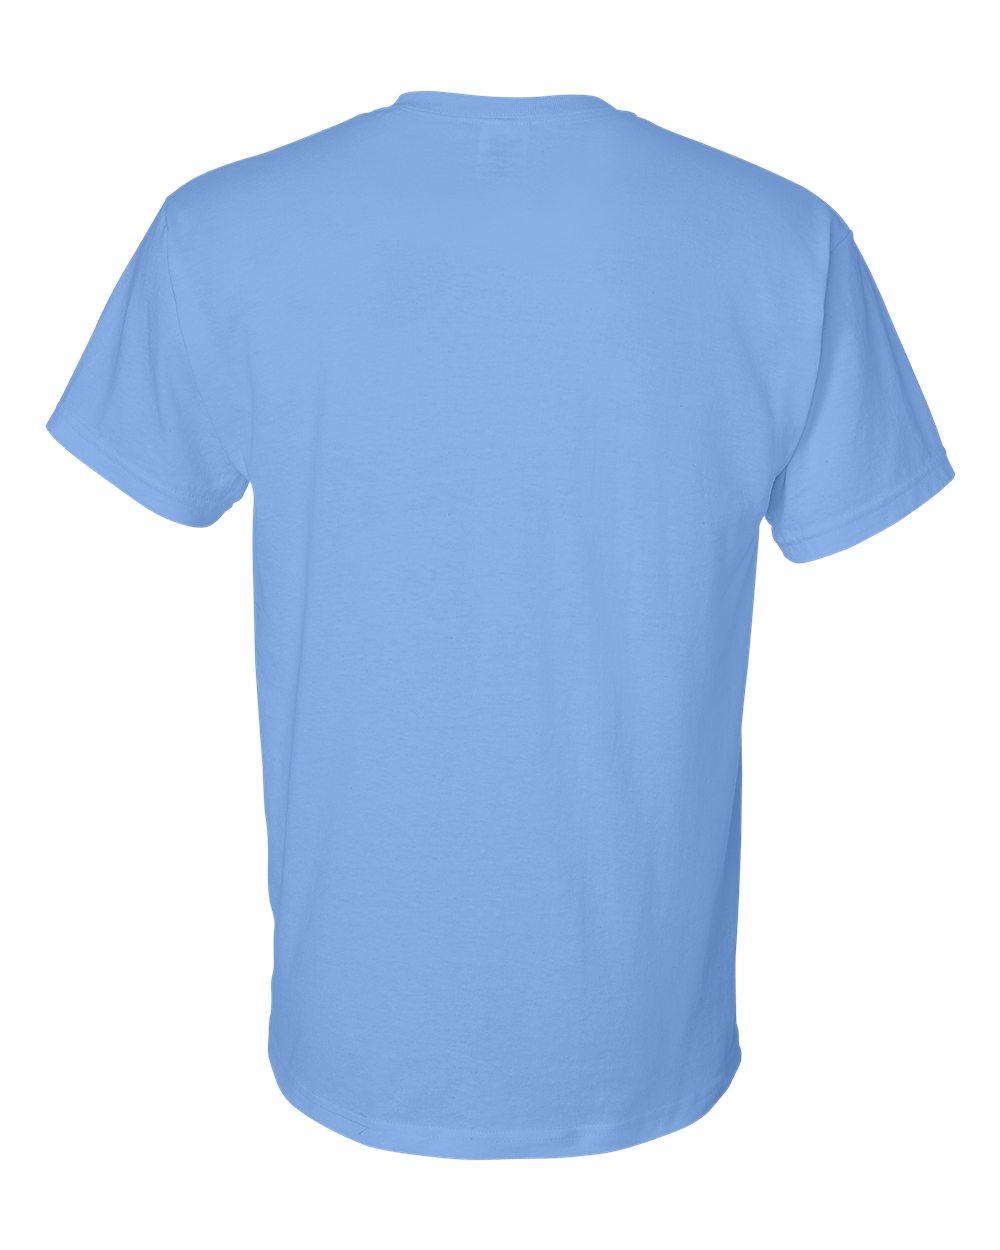 Gildan-Mens-DryBlend-5-6-oz-50-50-T-Shirt-G800-Size-S-5XL thumbnail 15